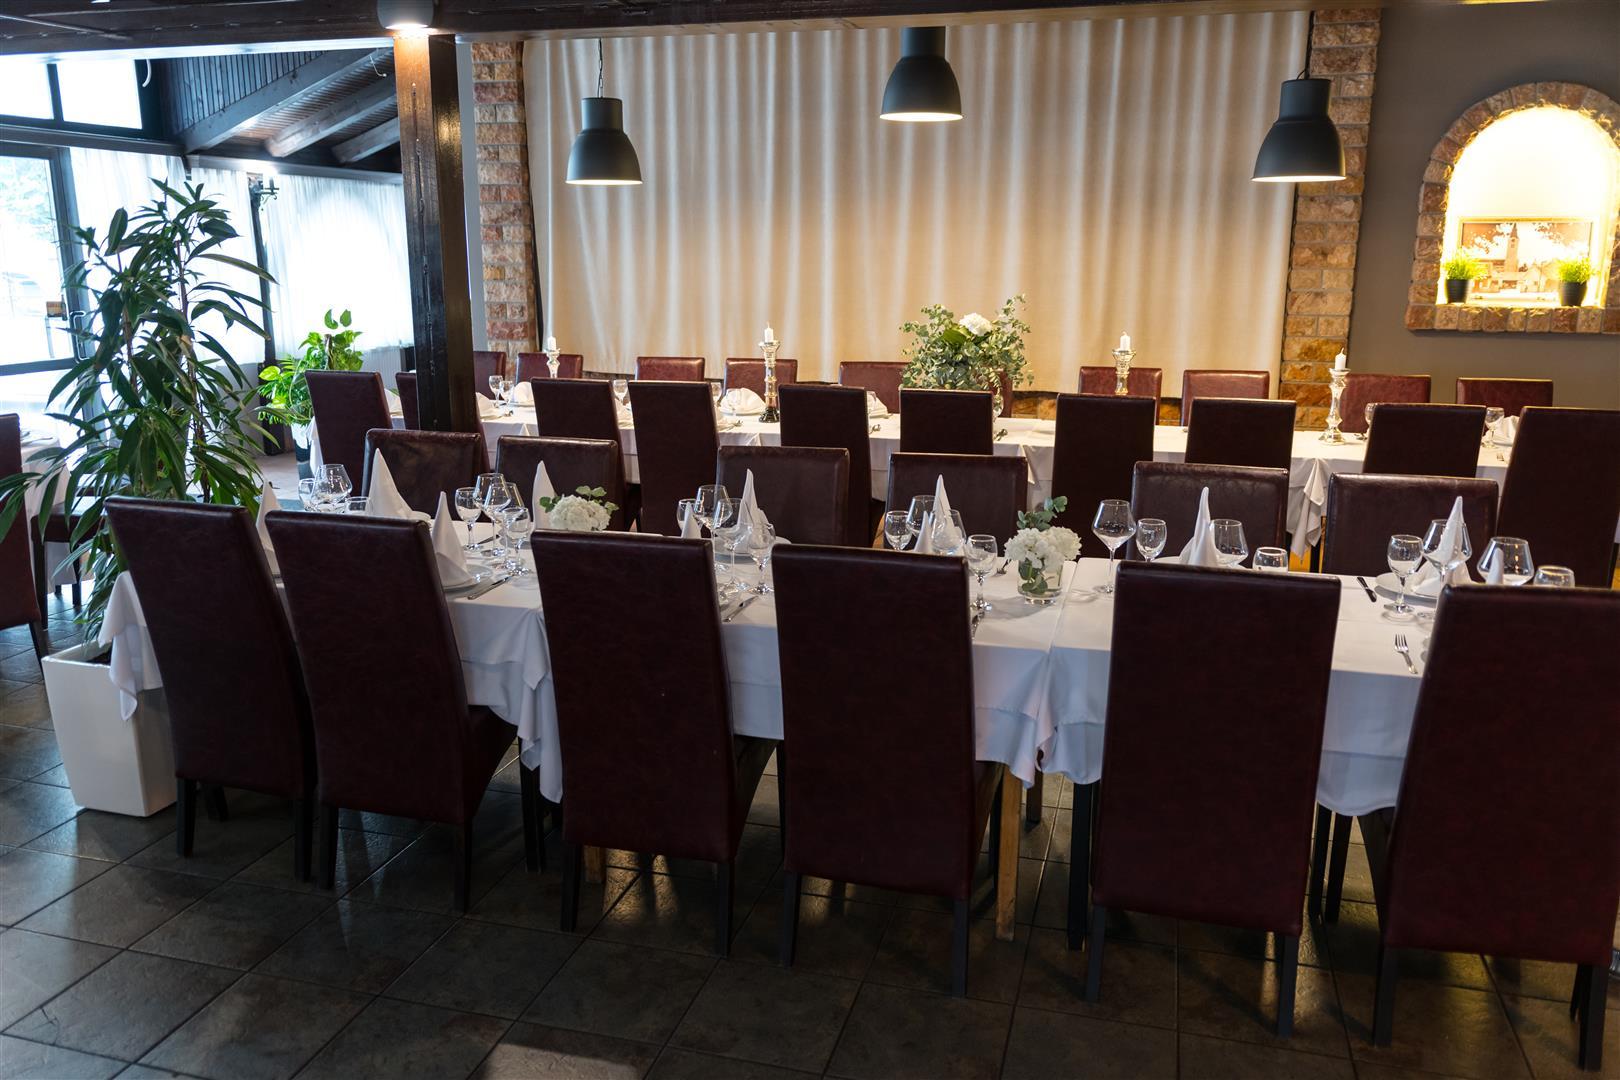 Mali raj - Restoran 17